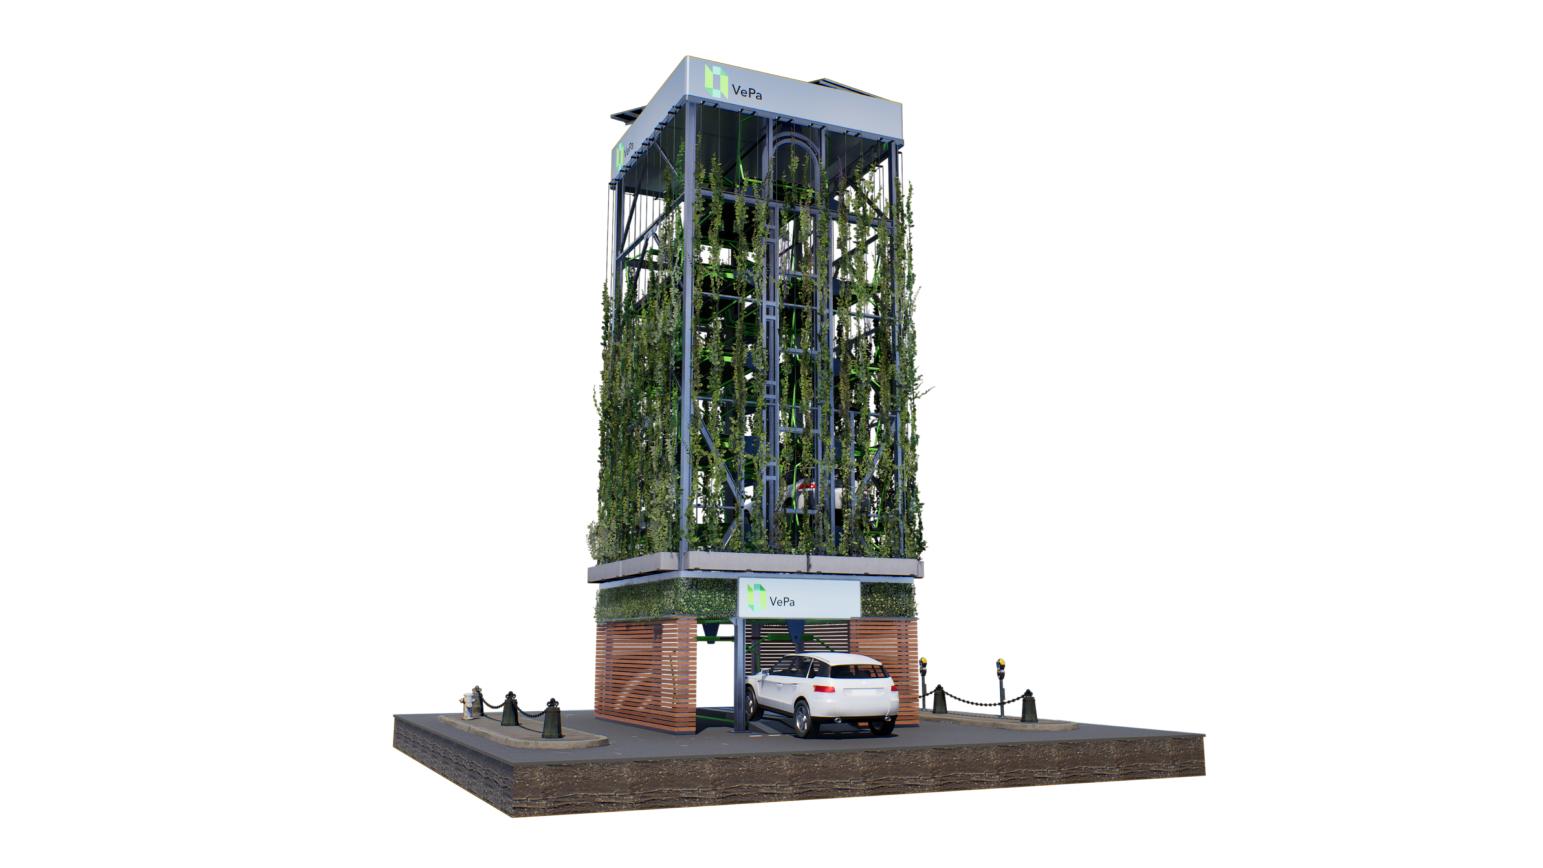 Vepa Parkgarge mit Pflanzen an der Aussenwand